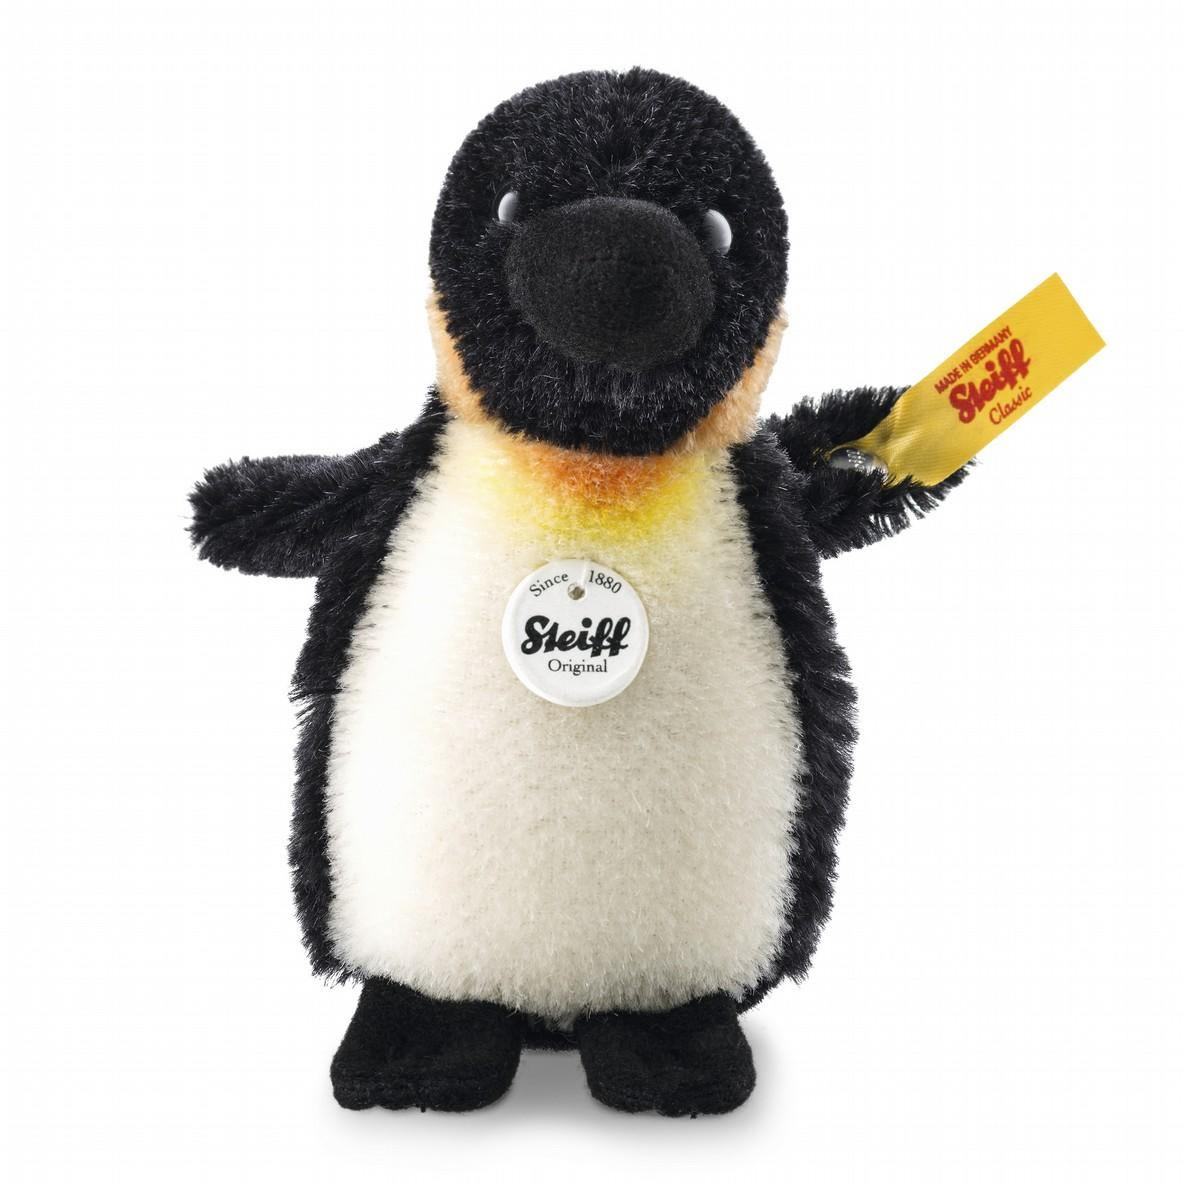 シュタイフ テディベア Steiff ラリーペンギン Lari Penguinテディベア ぬいぐるみ 誕生日 プレゼント 内祝い ギフト クリスマス